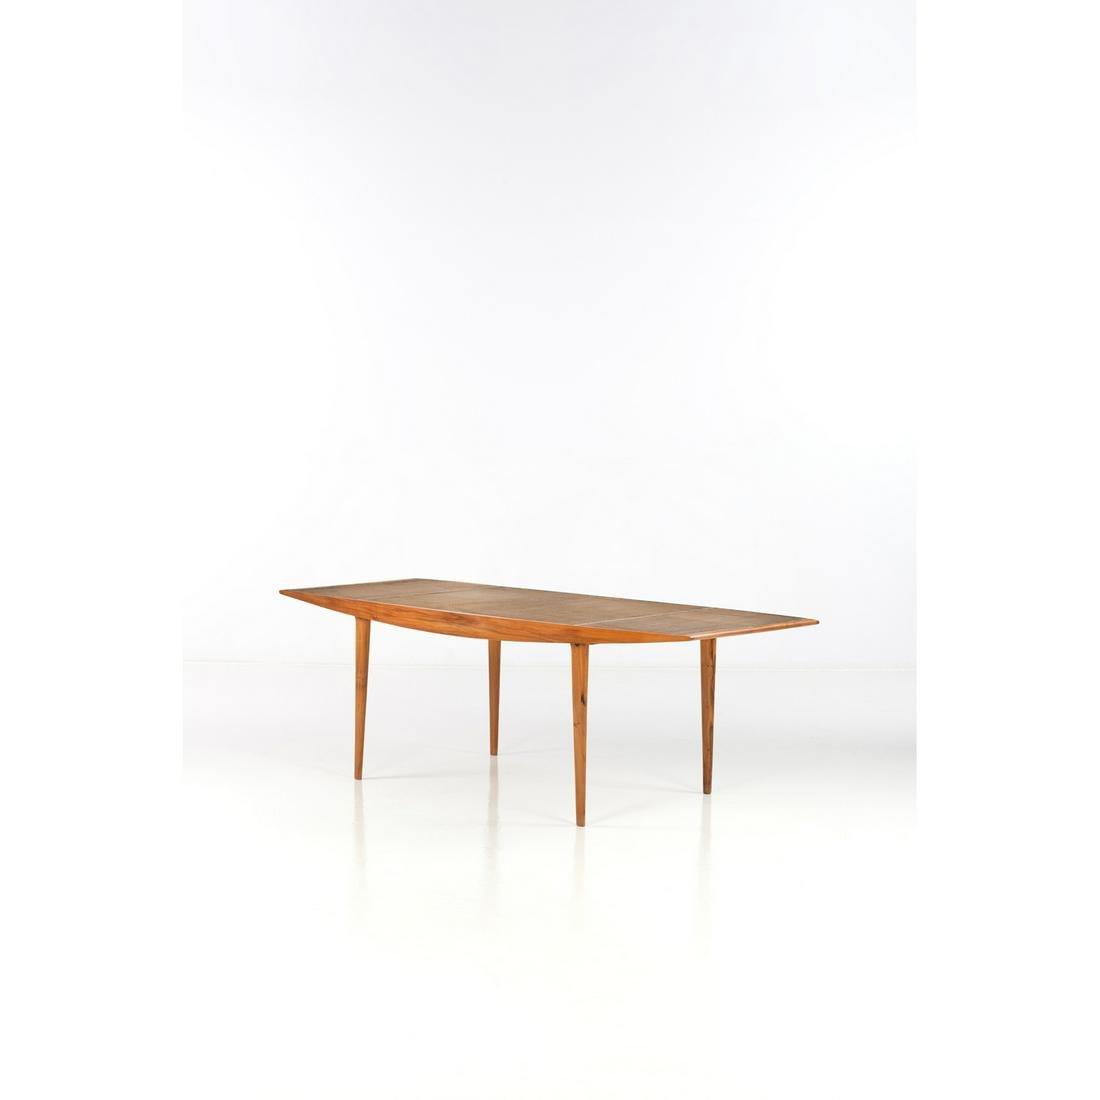 ƒ Martin Eisler (1913-1977) Table Imbuia wood,